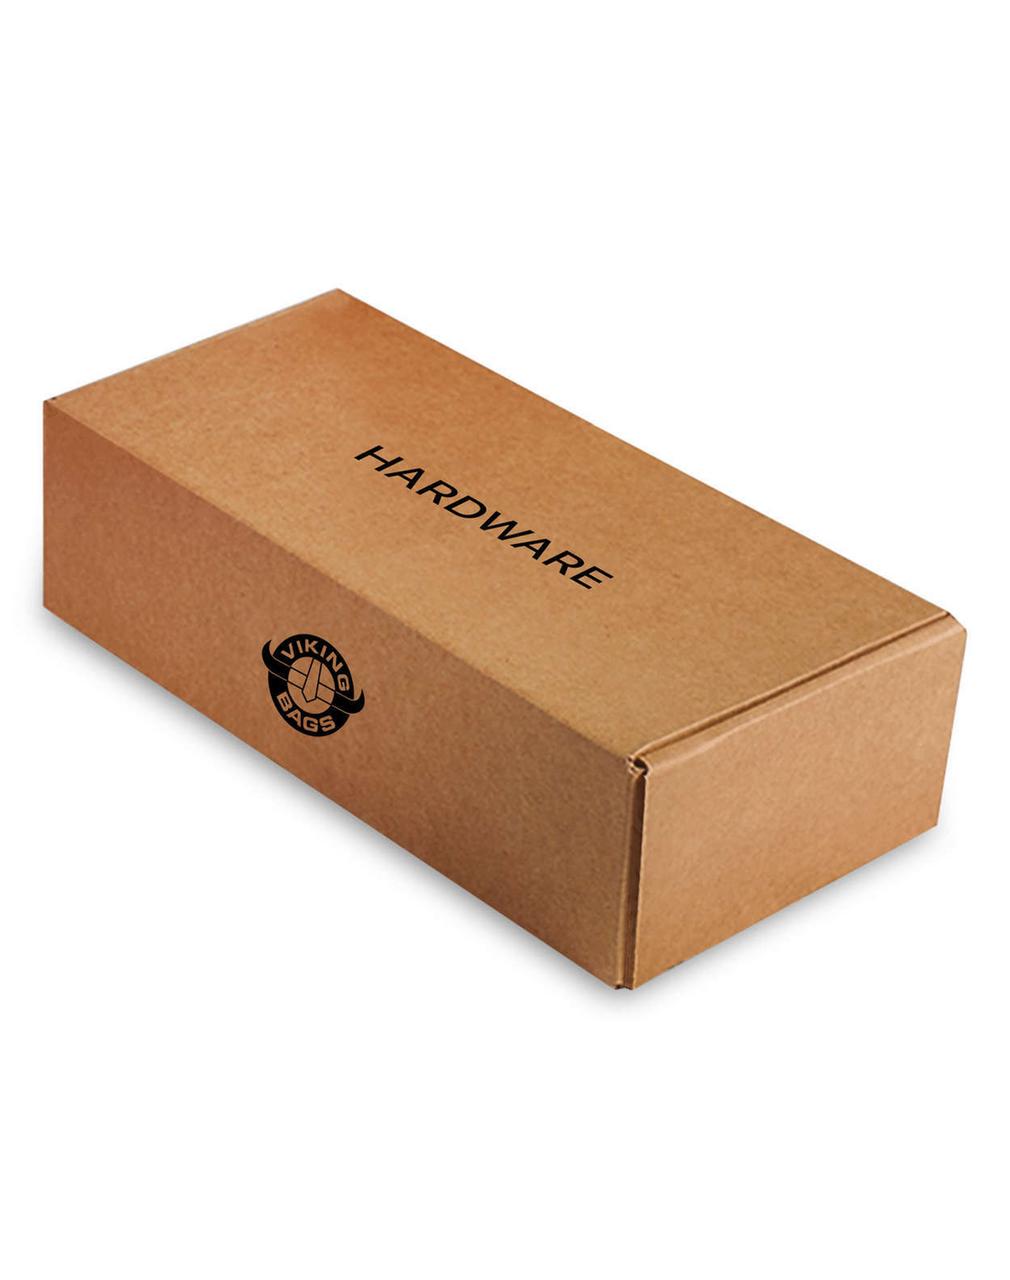 Triumph Thunderbird Shock Cutout Slanted Large Motorcycle Saddlebags Box